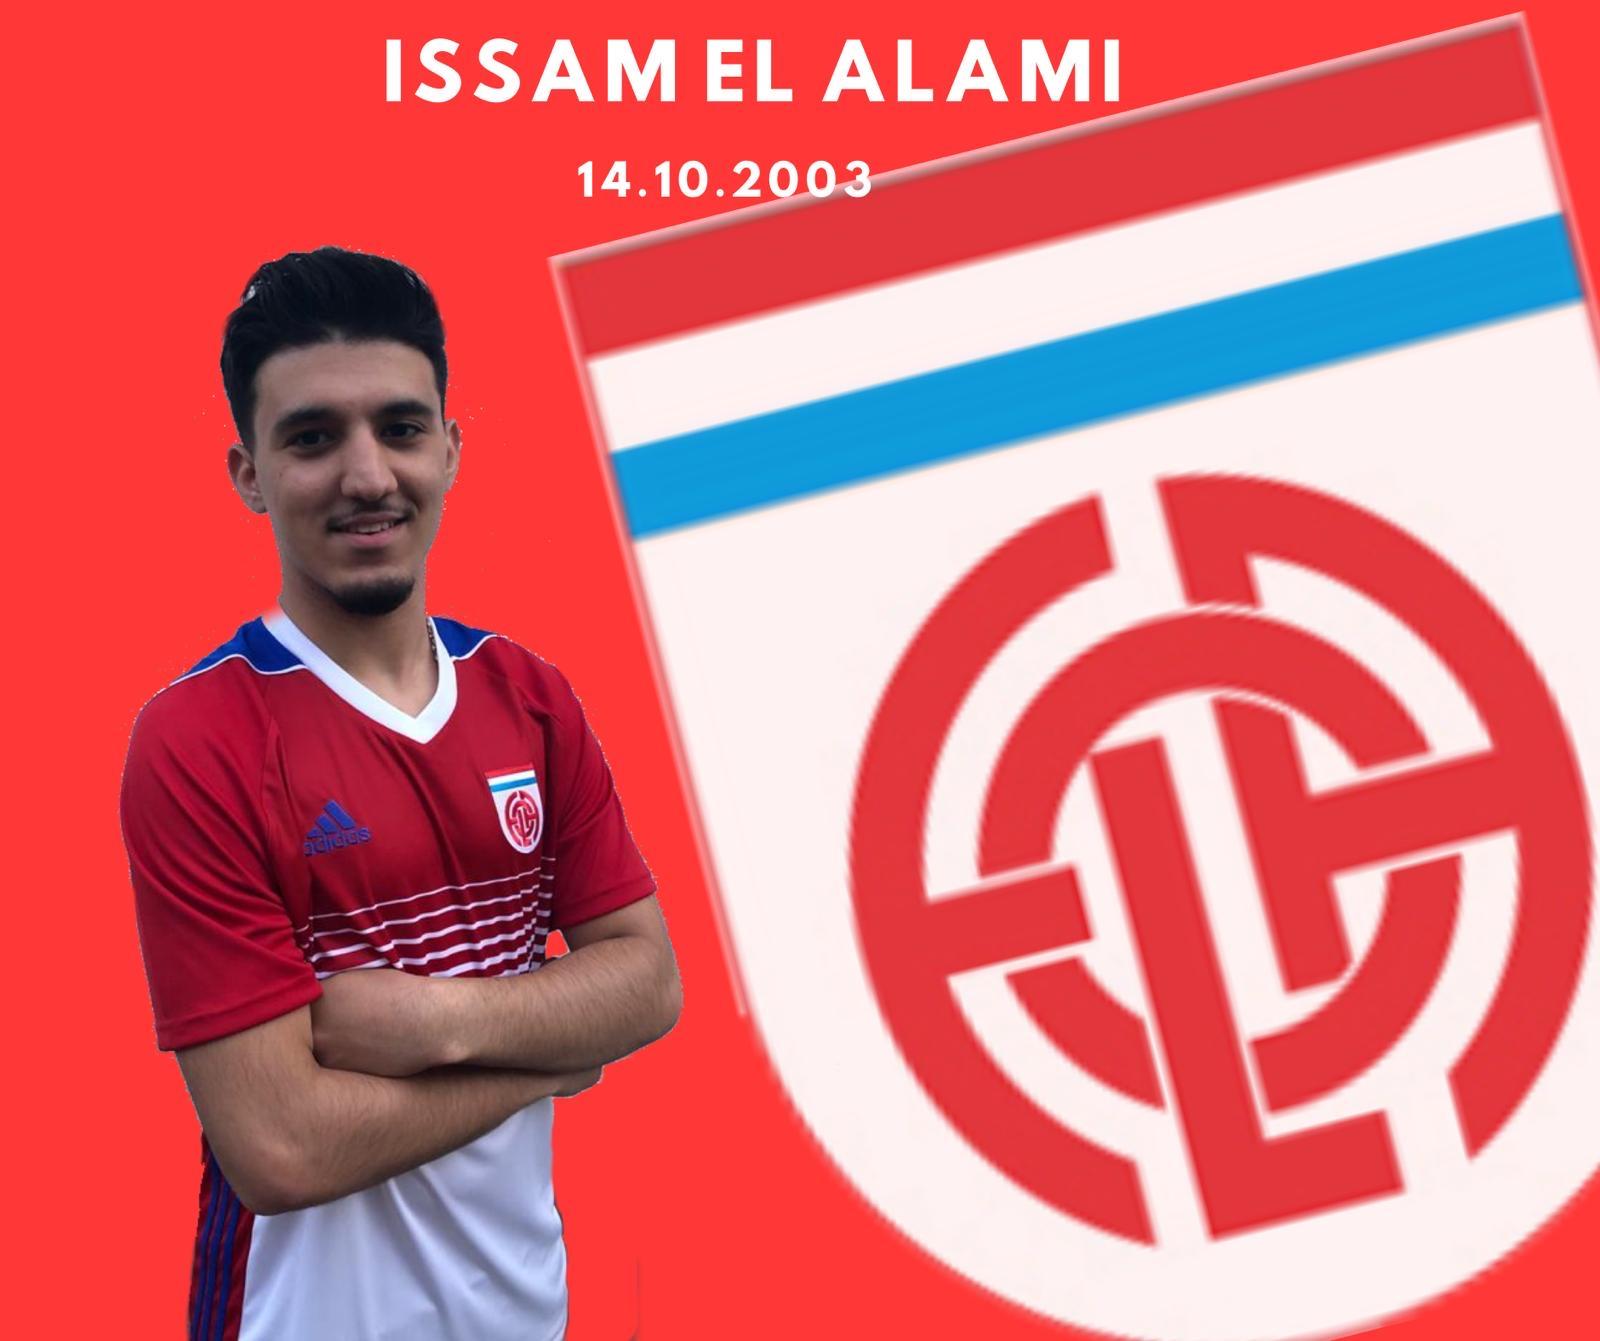 Bienvenu à Issam au CS FOLA Esch